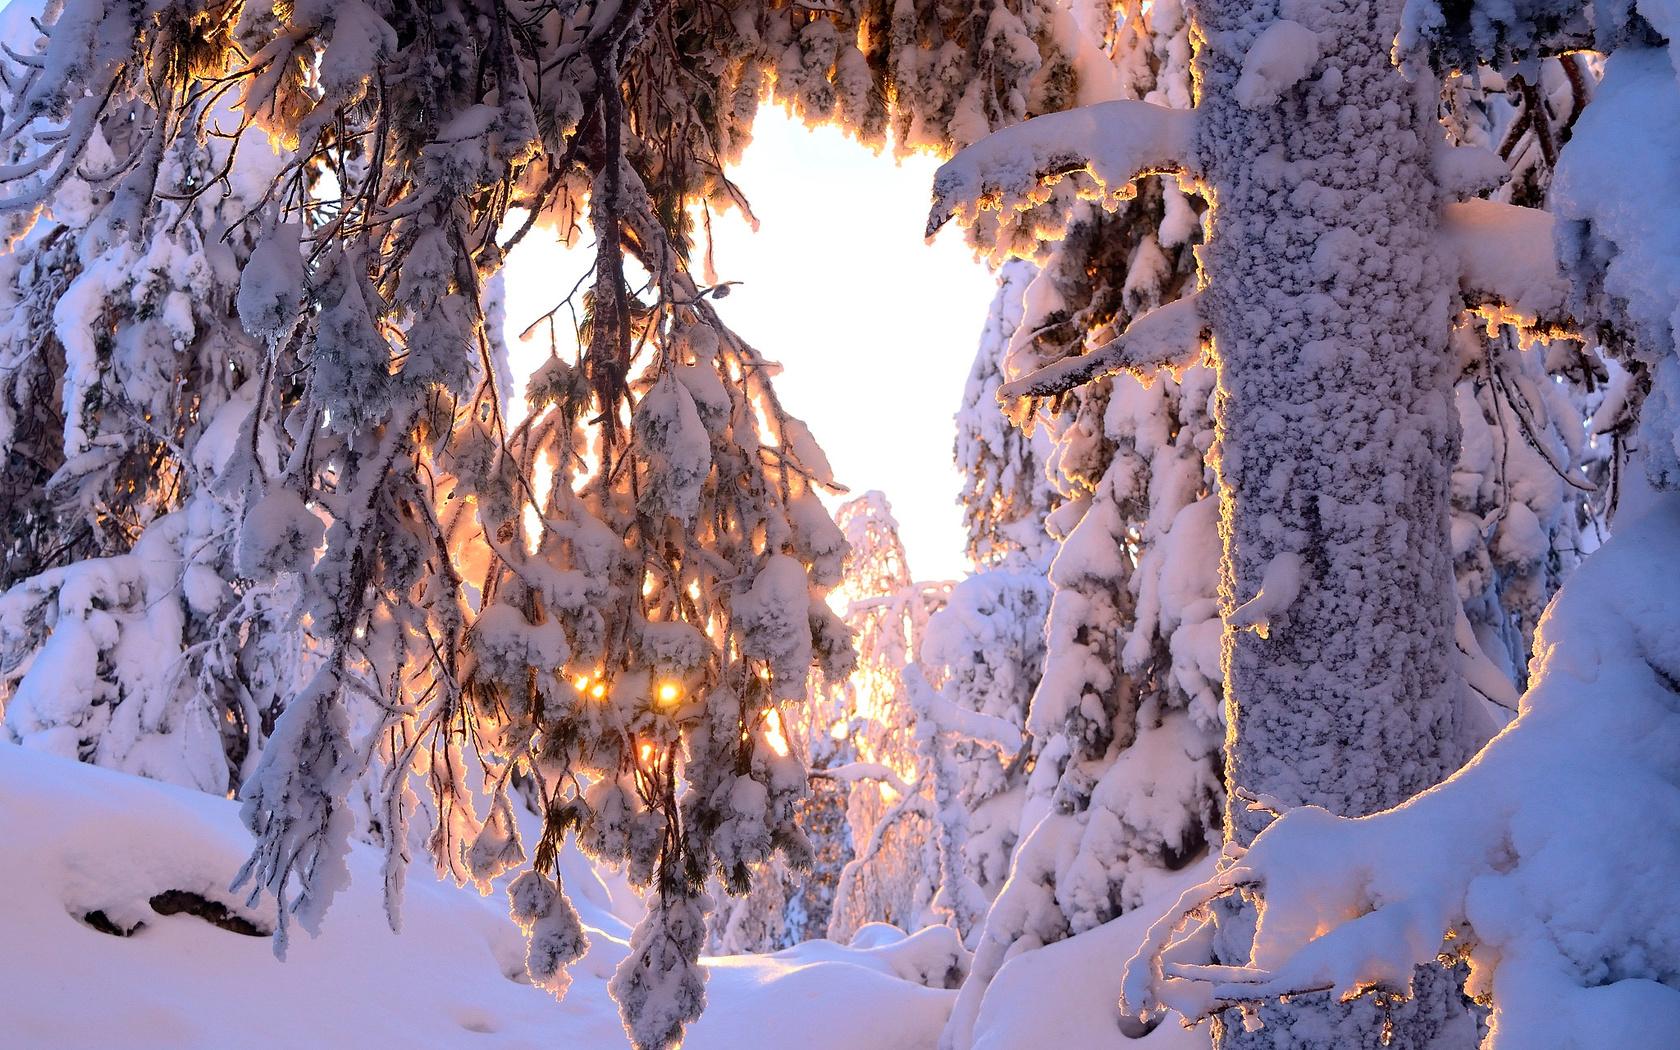 природа, зима, снег, деревья, ствол, ветки, солнце, фотограф hannu koskela, hannu koskela